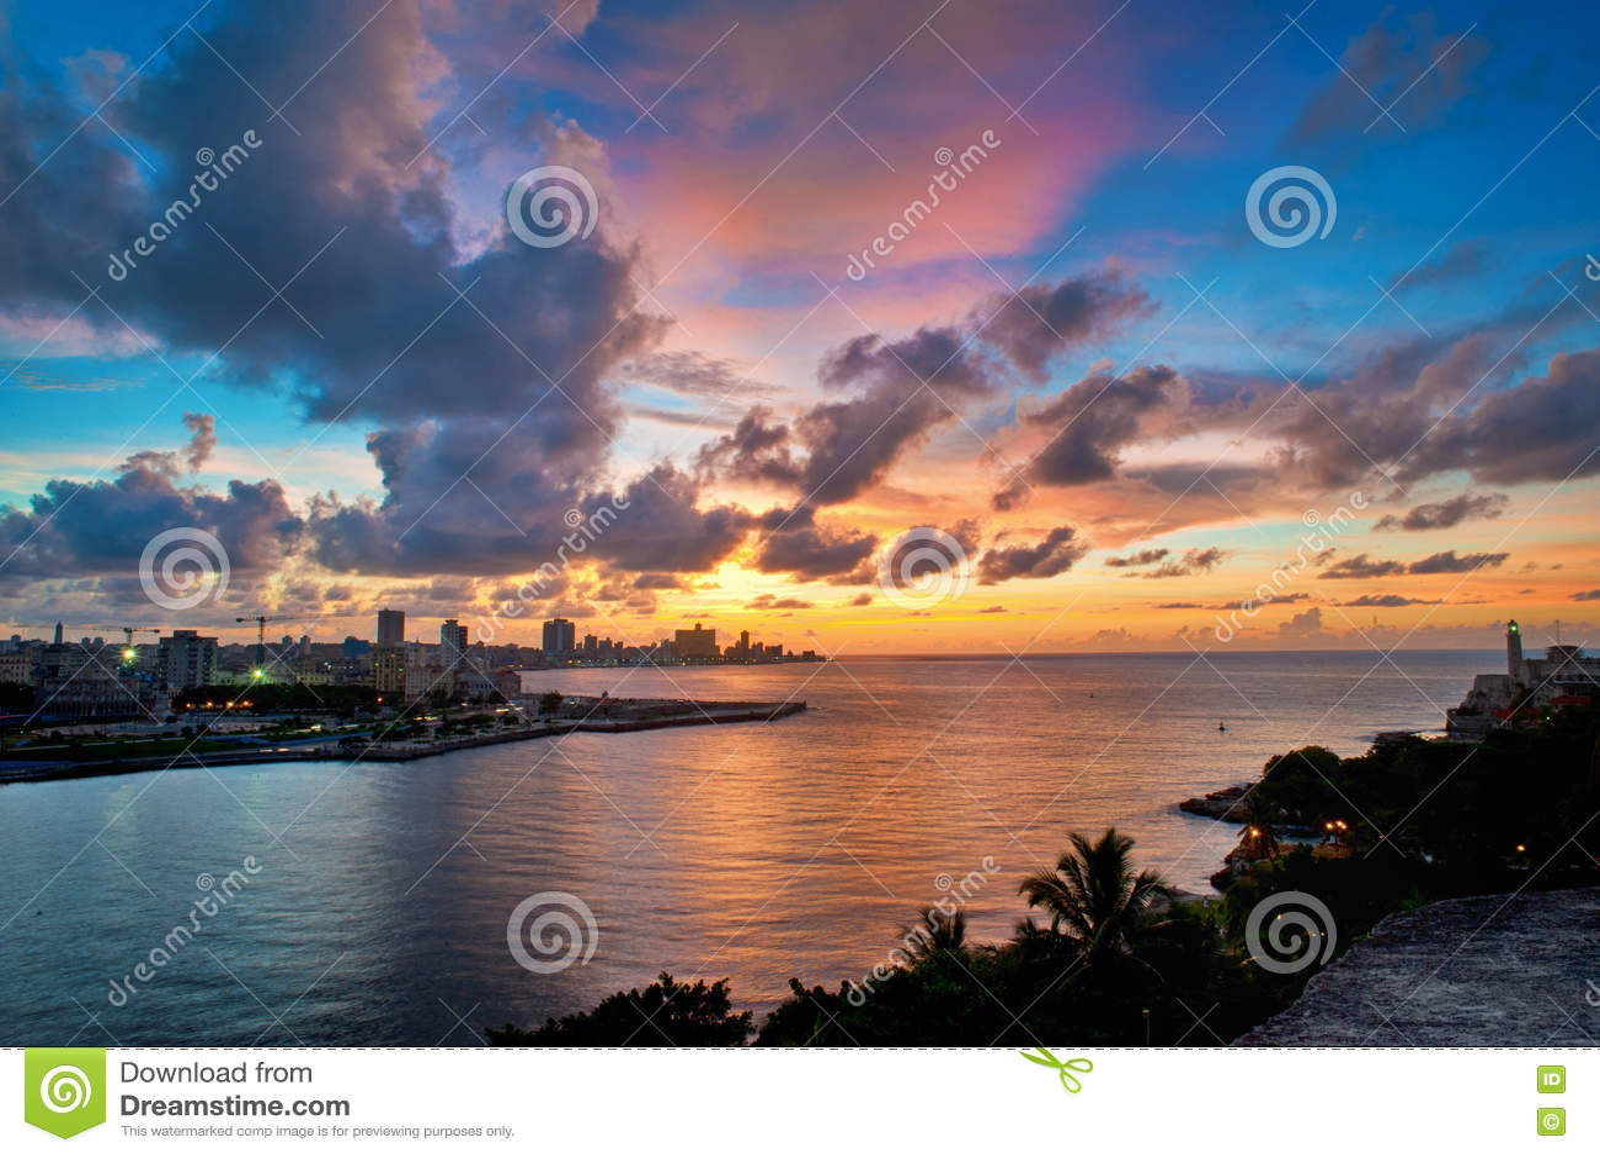 Havana bay entrance and city skyline at dusk